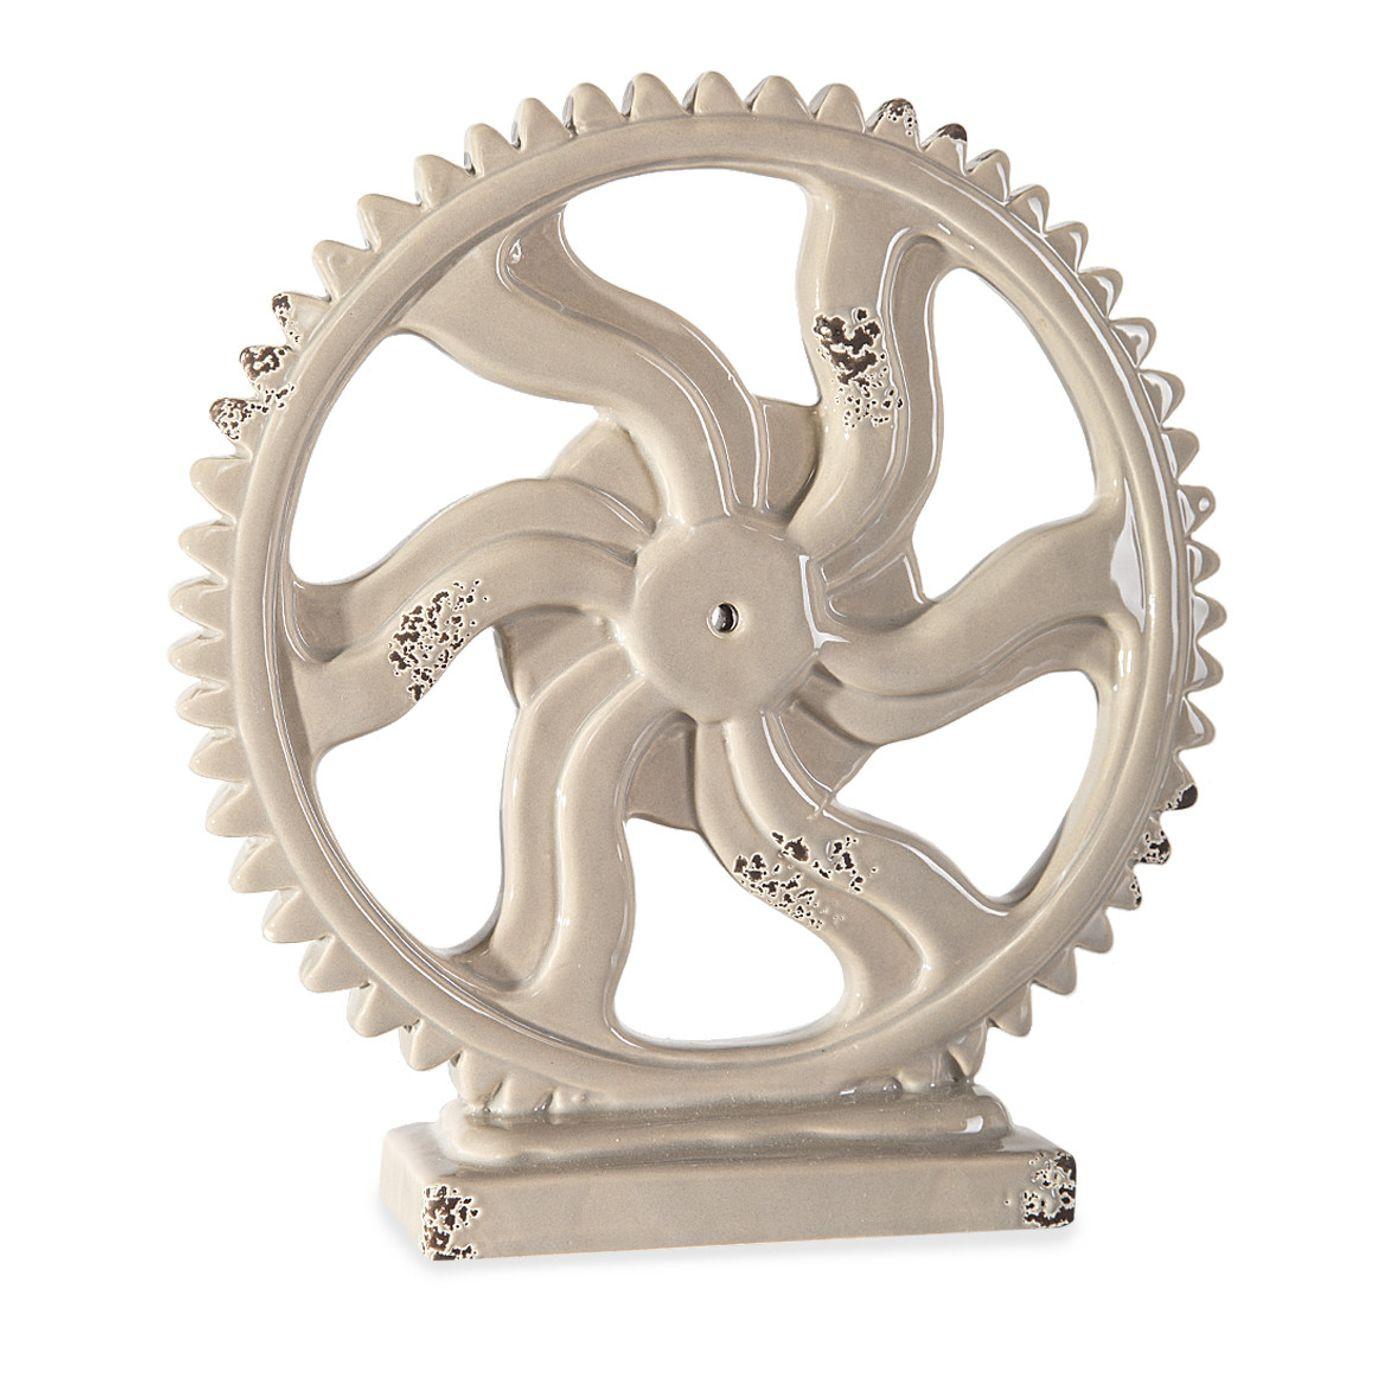 Figurka koło zębate z dolomitu 20 x 5 x 20 cm shabby chic